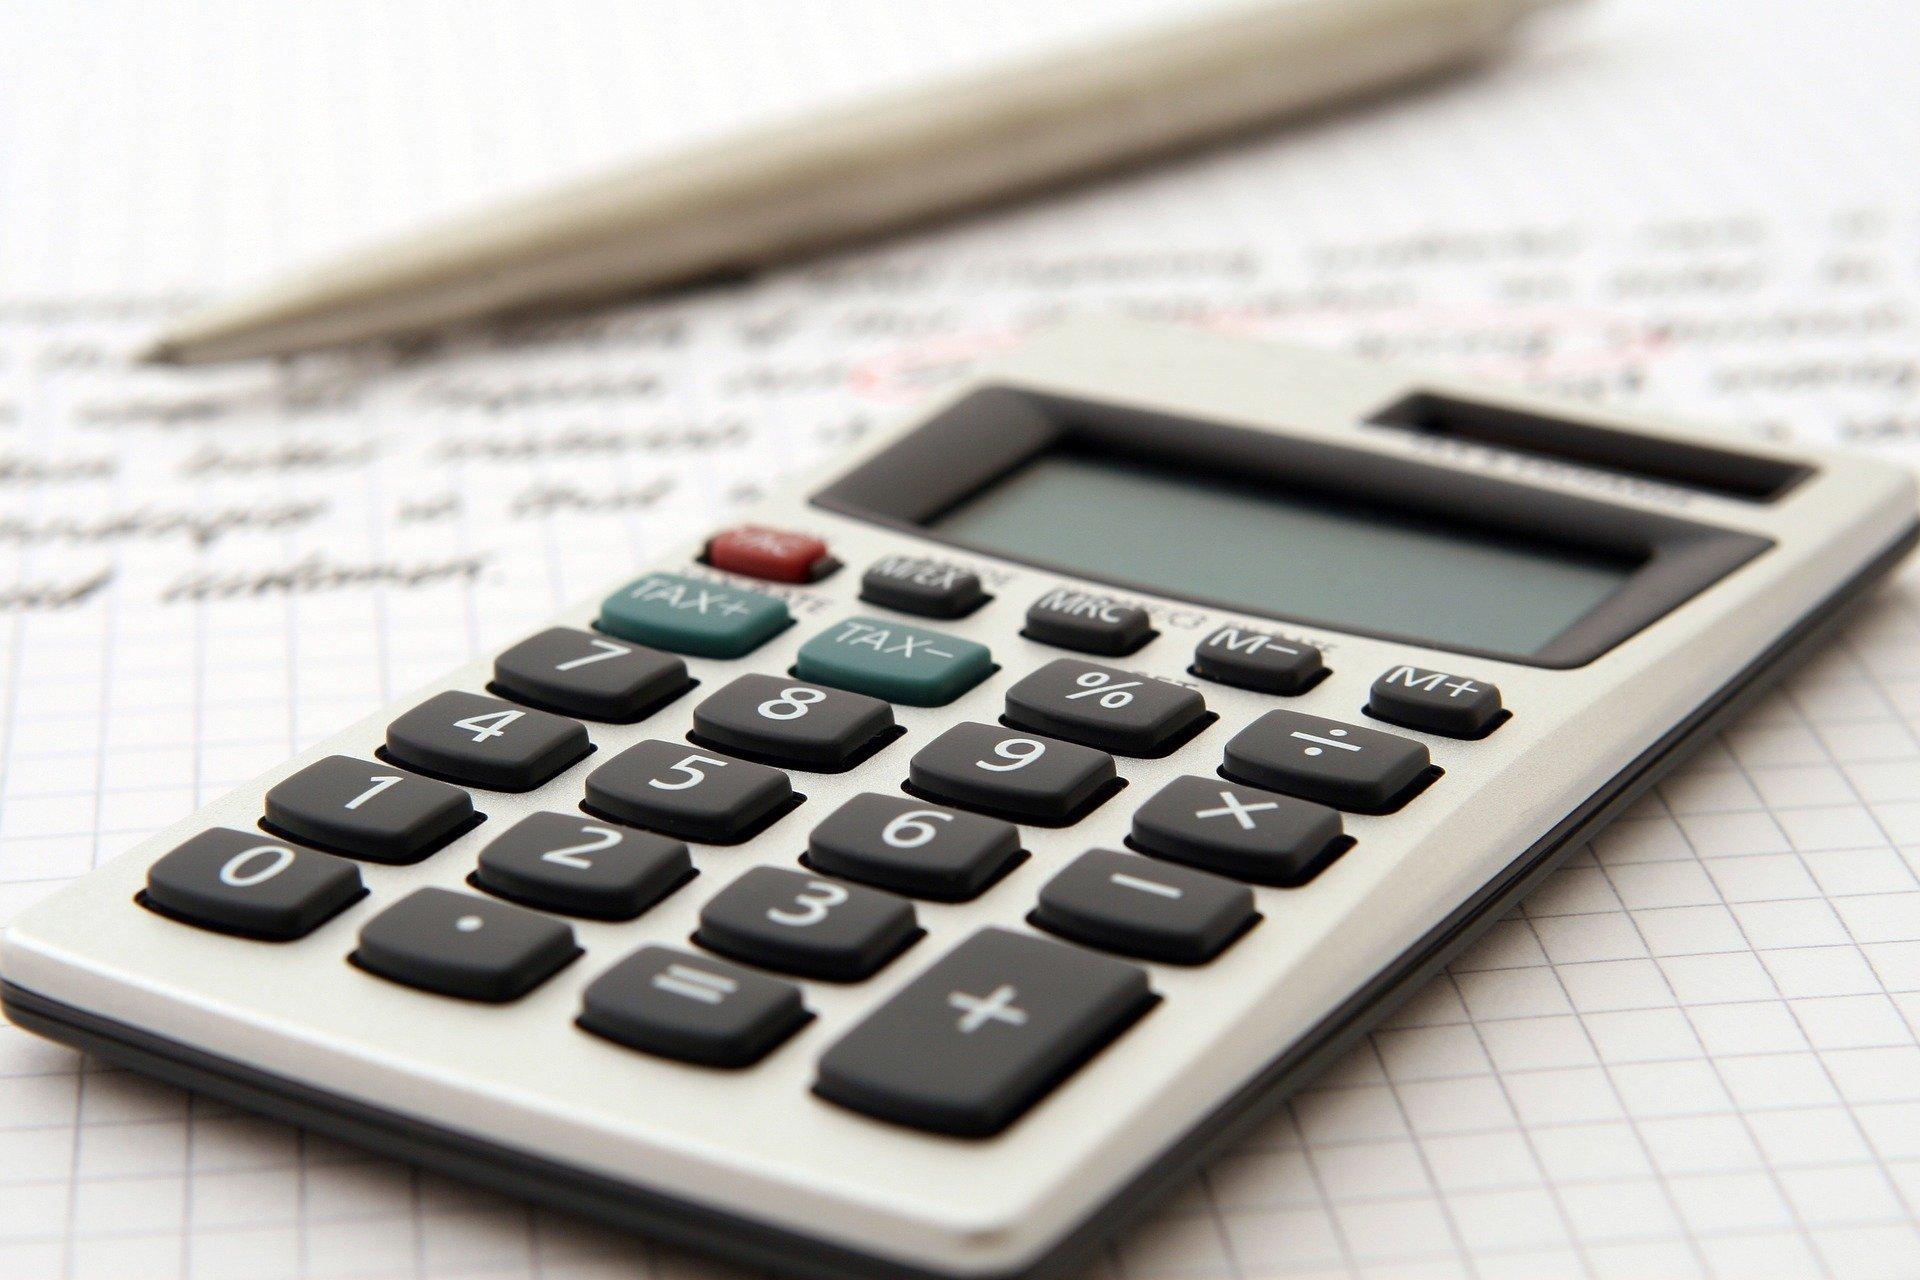 CDServices accompagnement administratif à domicile ou sur site pour particuliers et entreprises